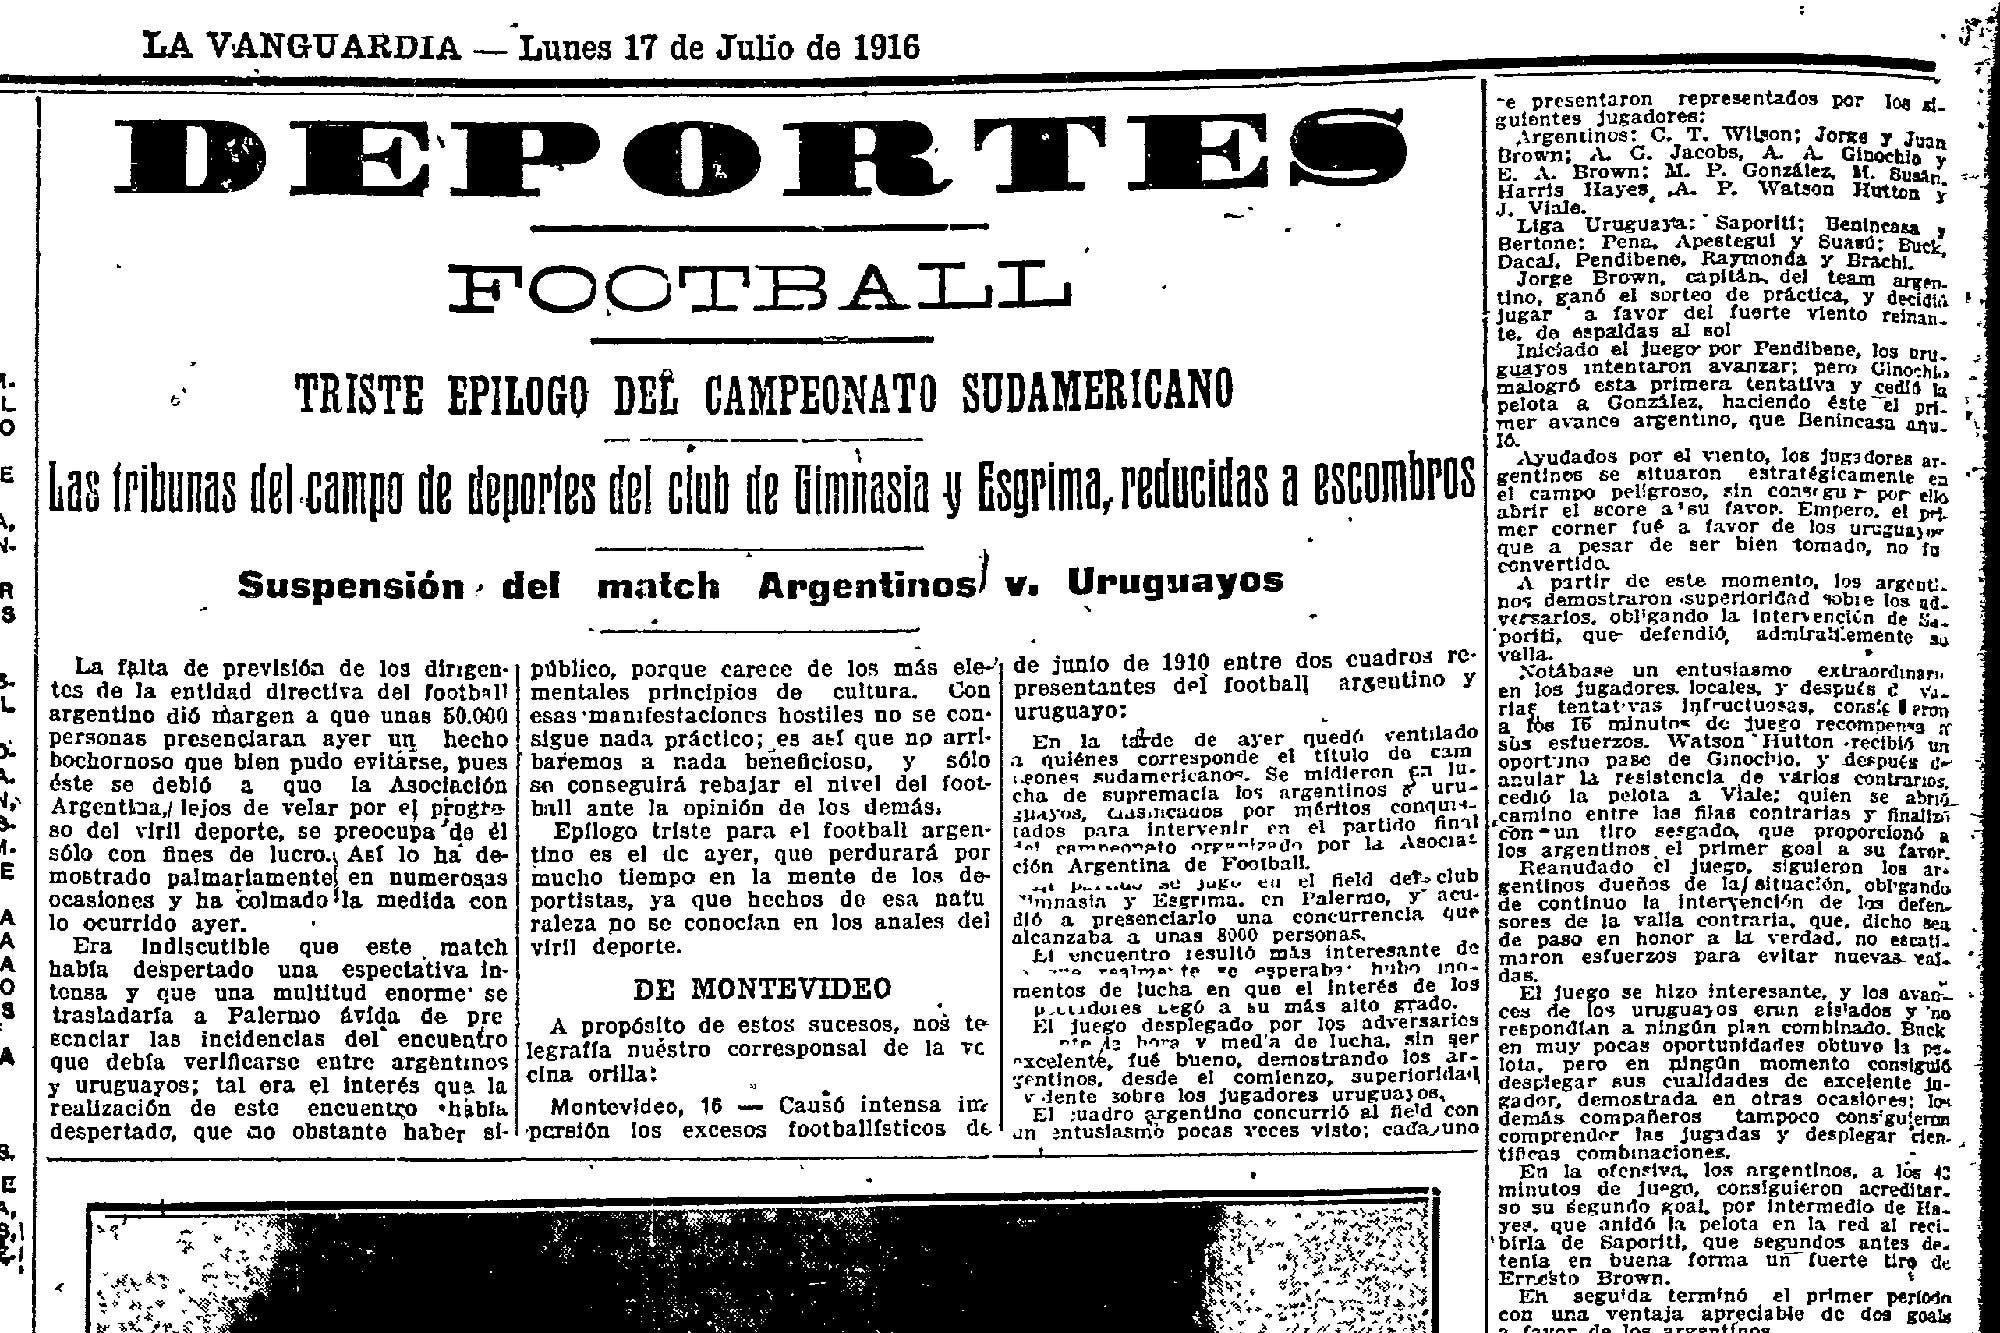 Image result for ESTADIO Gimnasia y esgrima buenos aires 1916